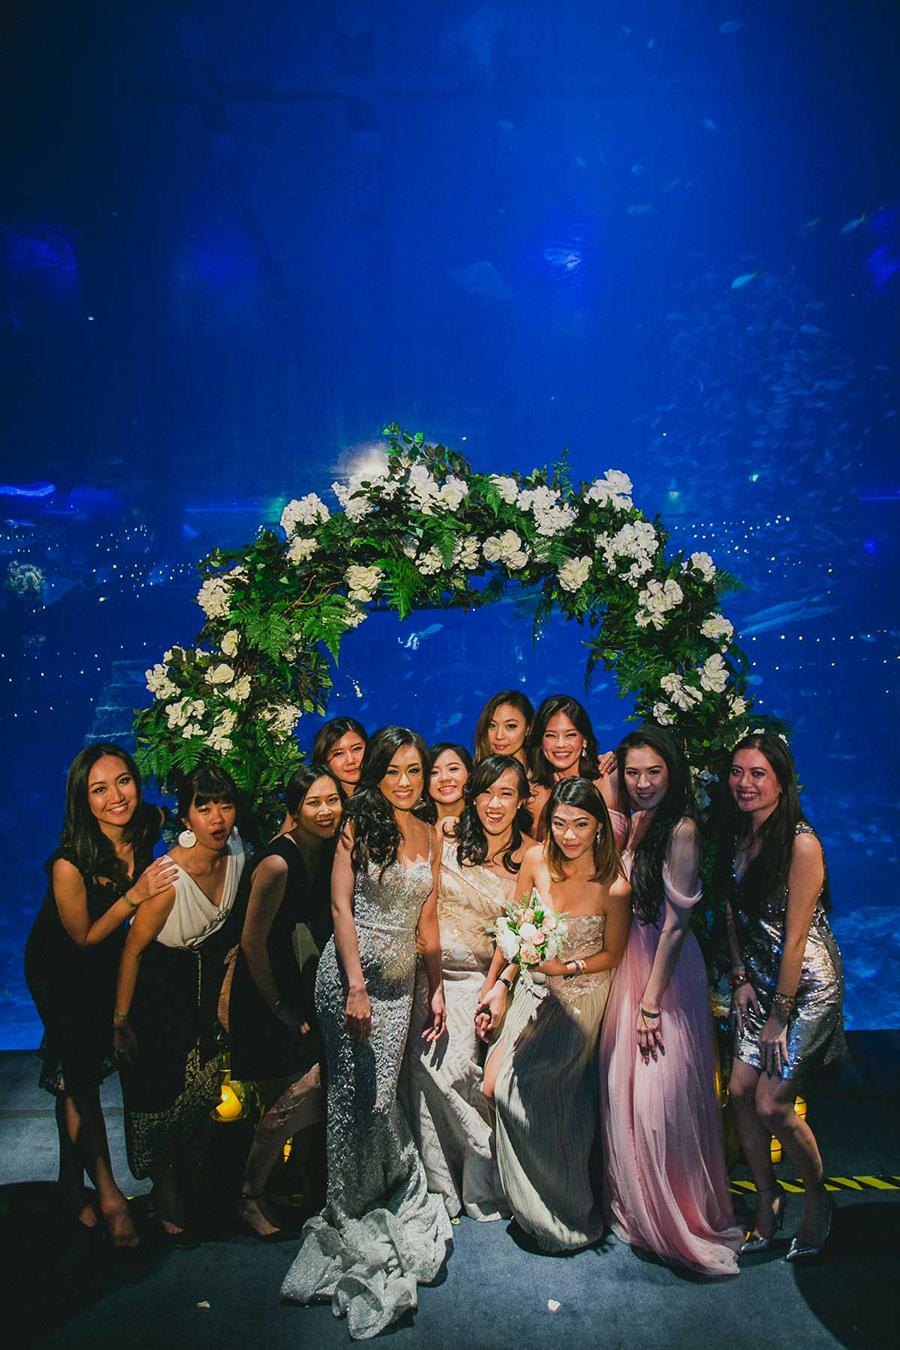 Bộ váy cưới lấp lánh họa tiết bạc